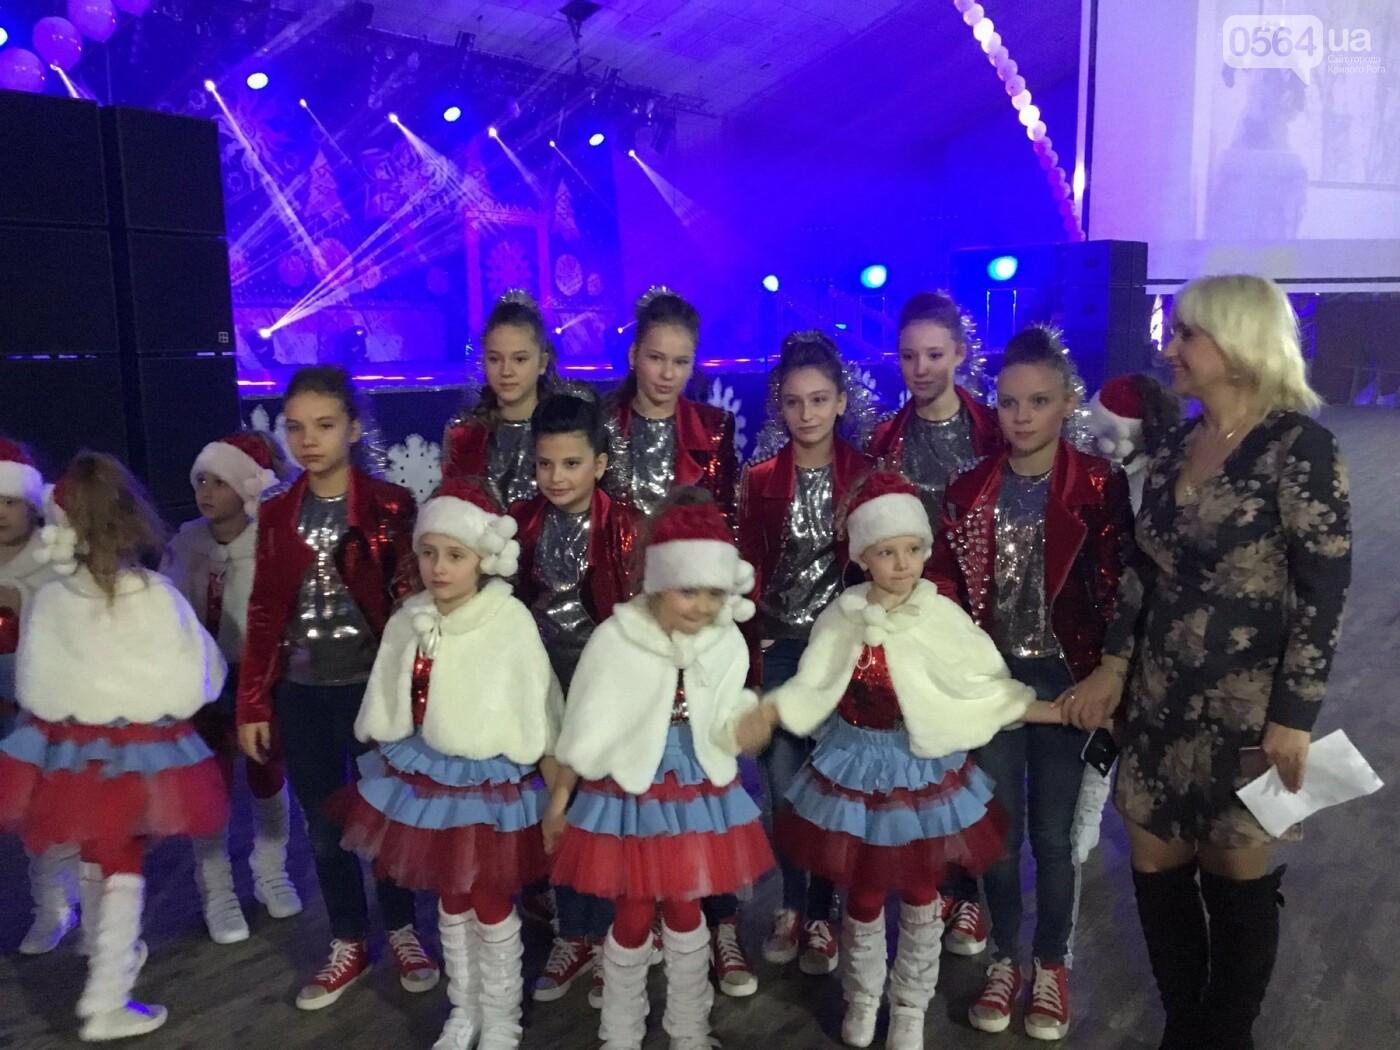 """В Кривом Роге на """"Главной елке"""" поздравили более 1,5 тысячи юных криворожан, - ФОТО, ВИДЕО, фото-2"""